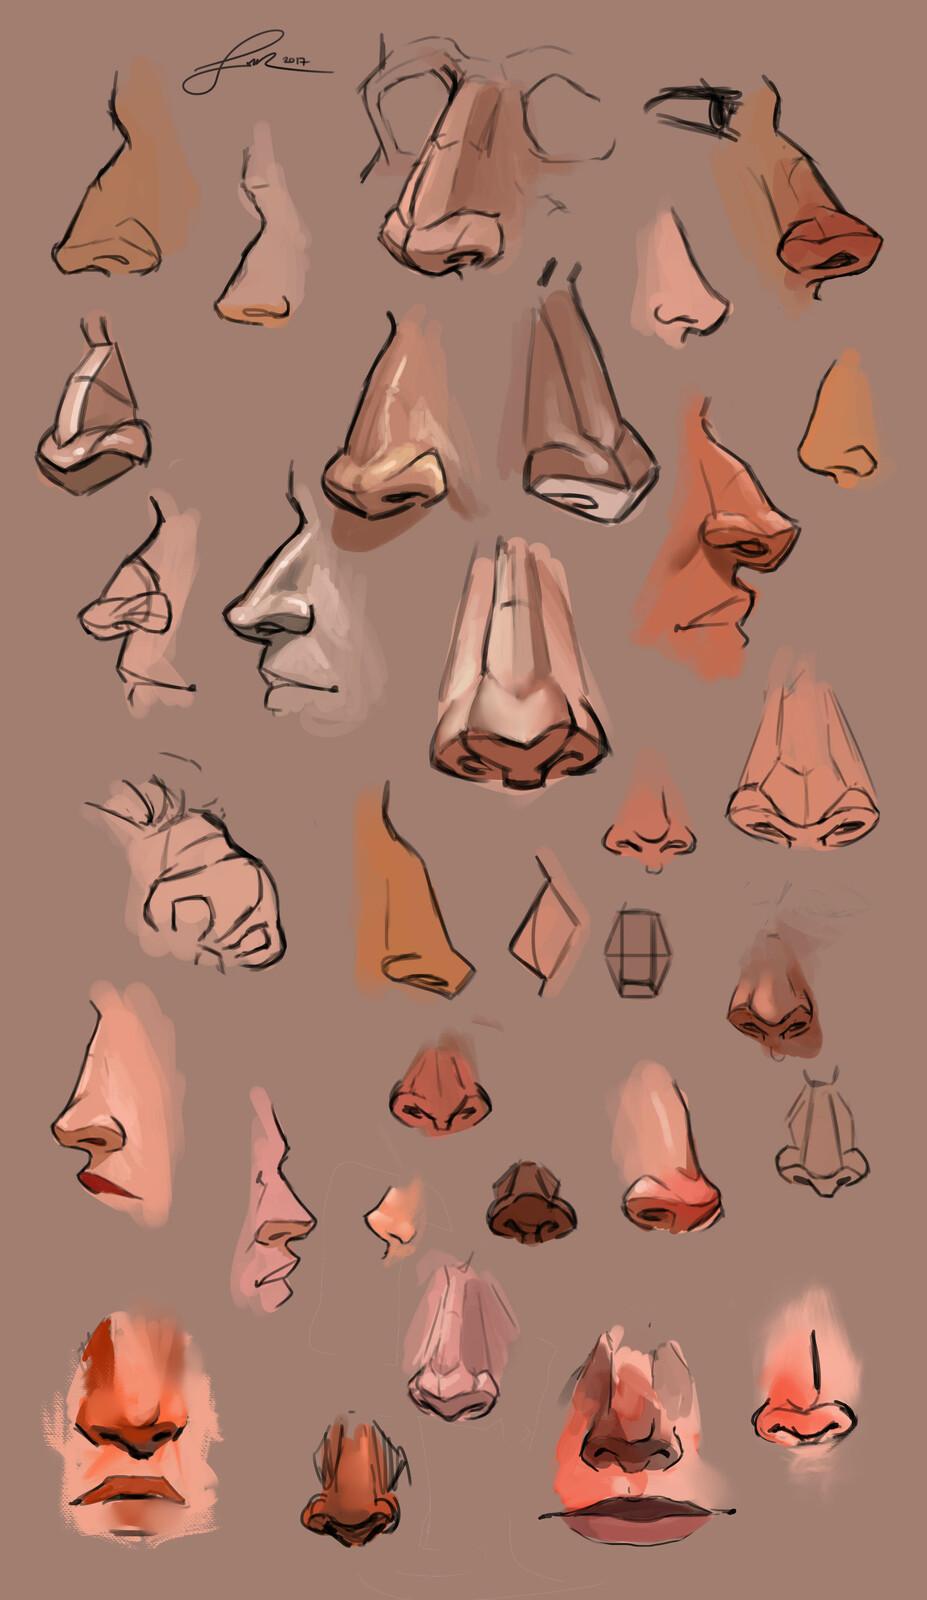 Anatomy Study | Noses